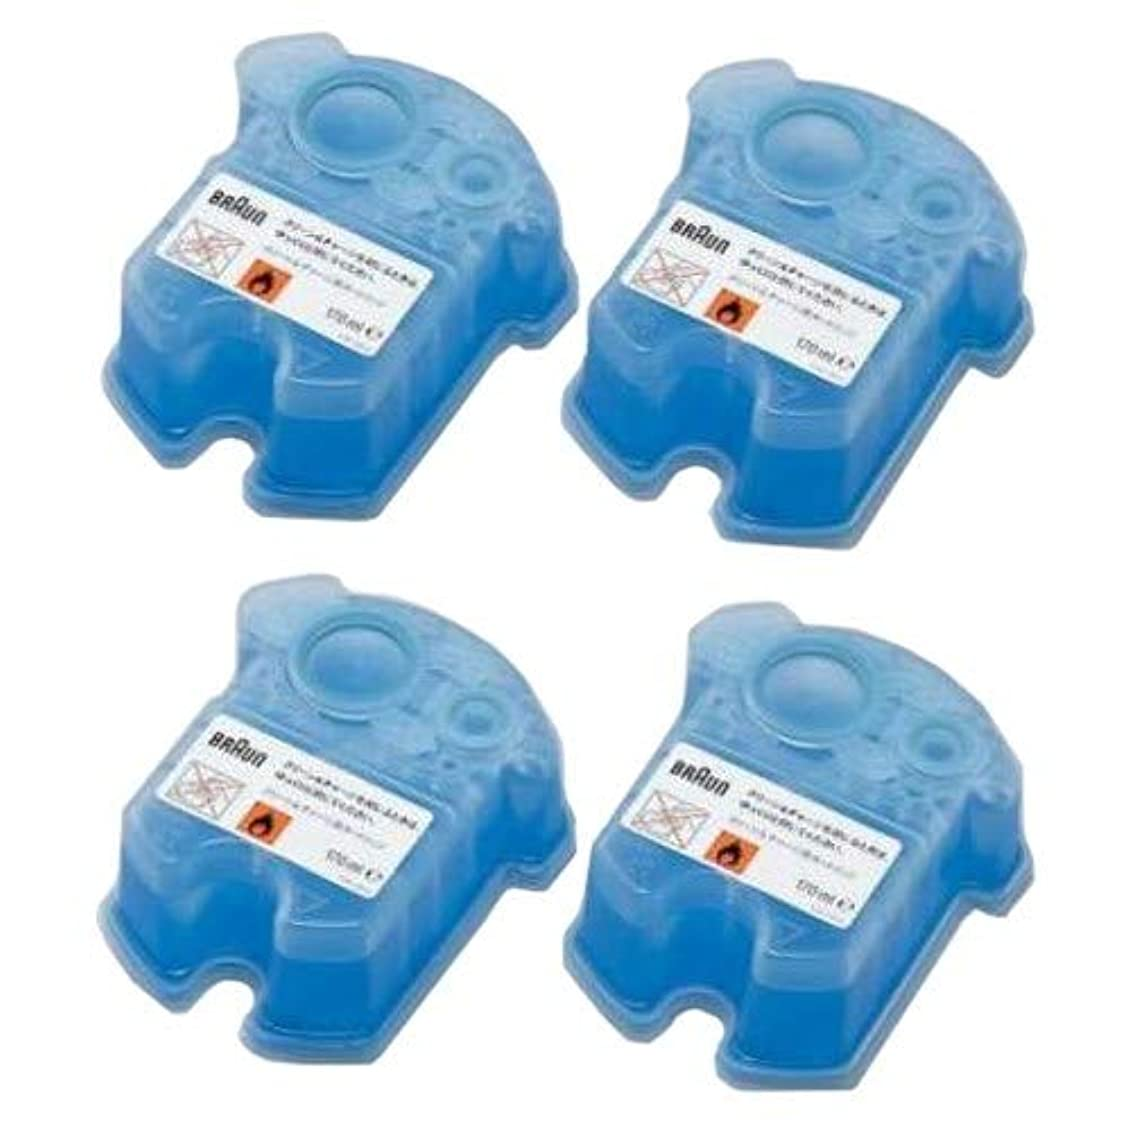 ネックレス機会絡まる【2セット】ブラウン メンズシェーバー アルコール洗浄システム専用洗浄液カートリッジ (4個入×2セット)(計8個) CCR4CR-2SET